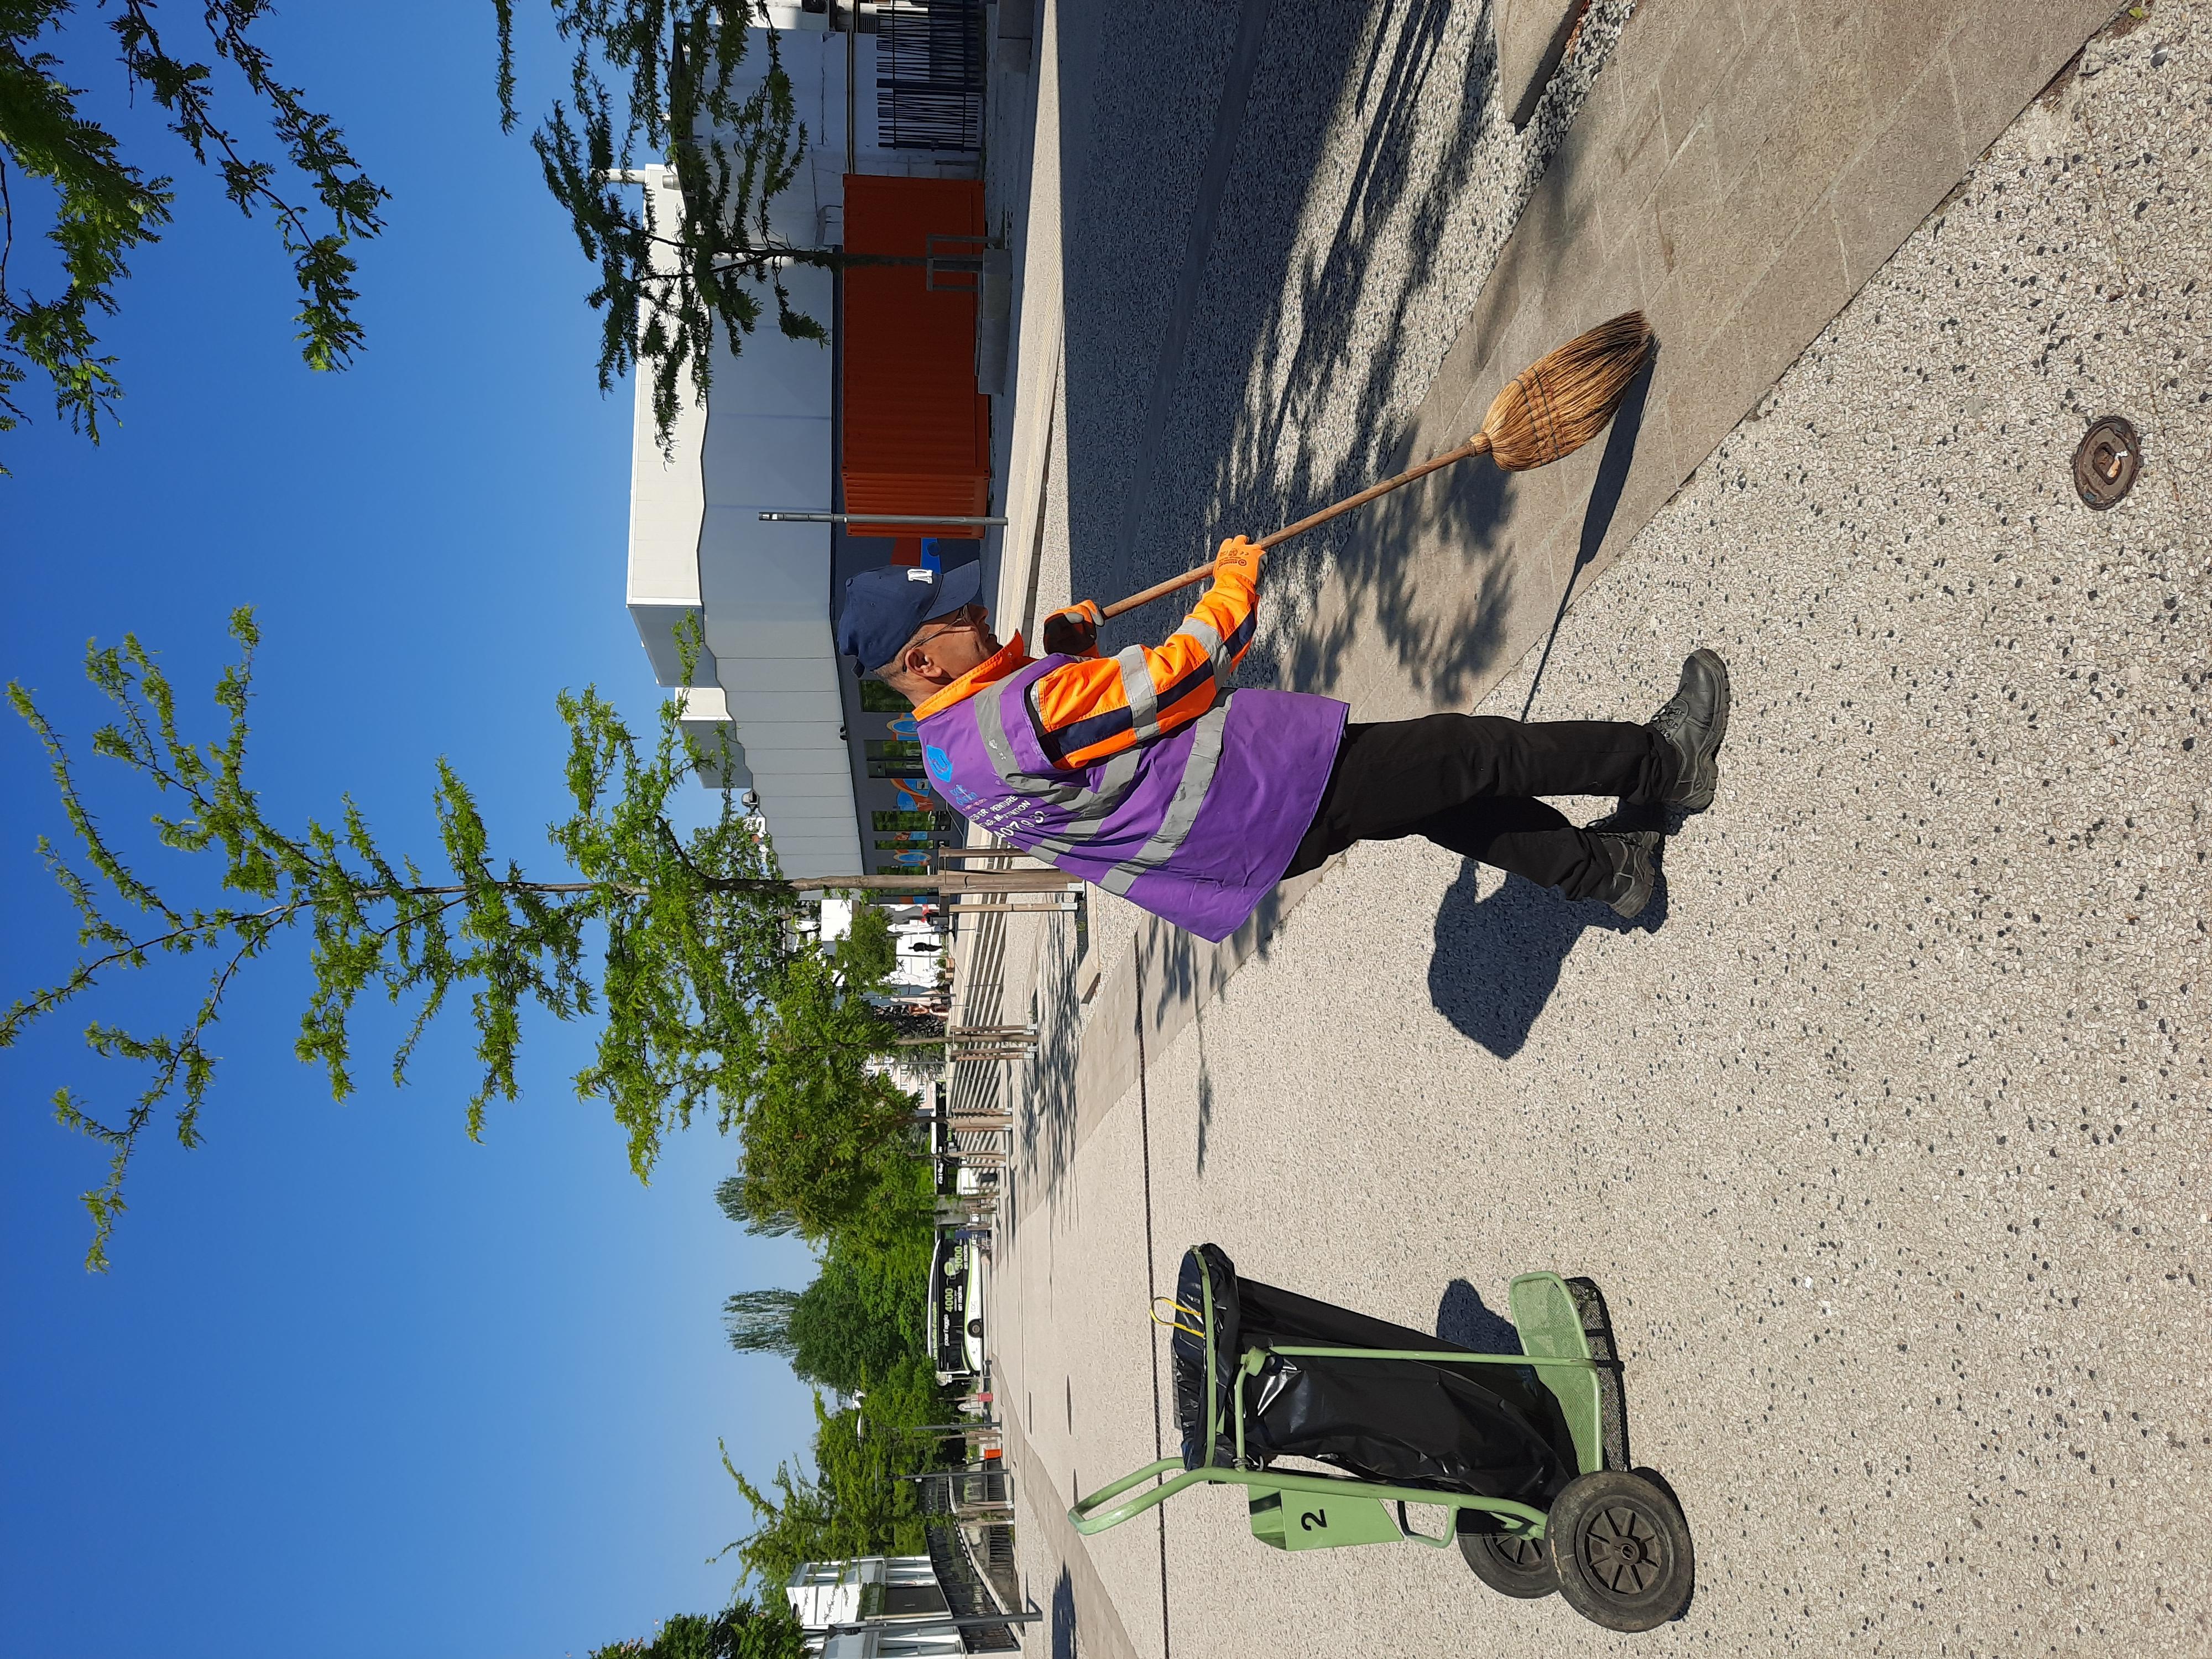 Nettoyage des espaces urbains